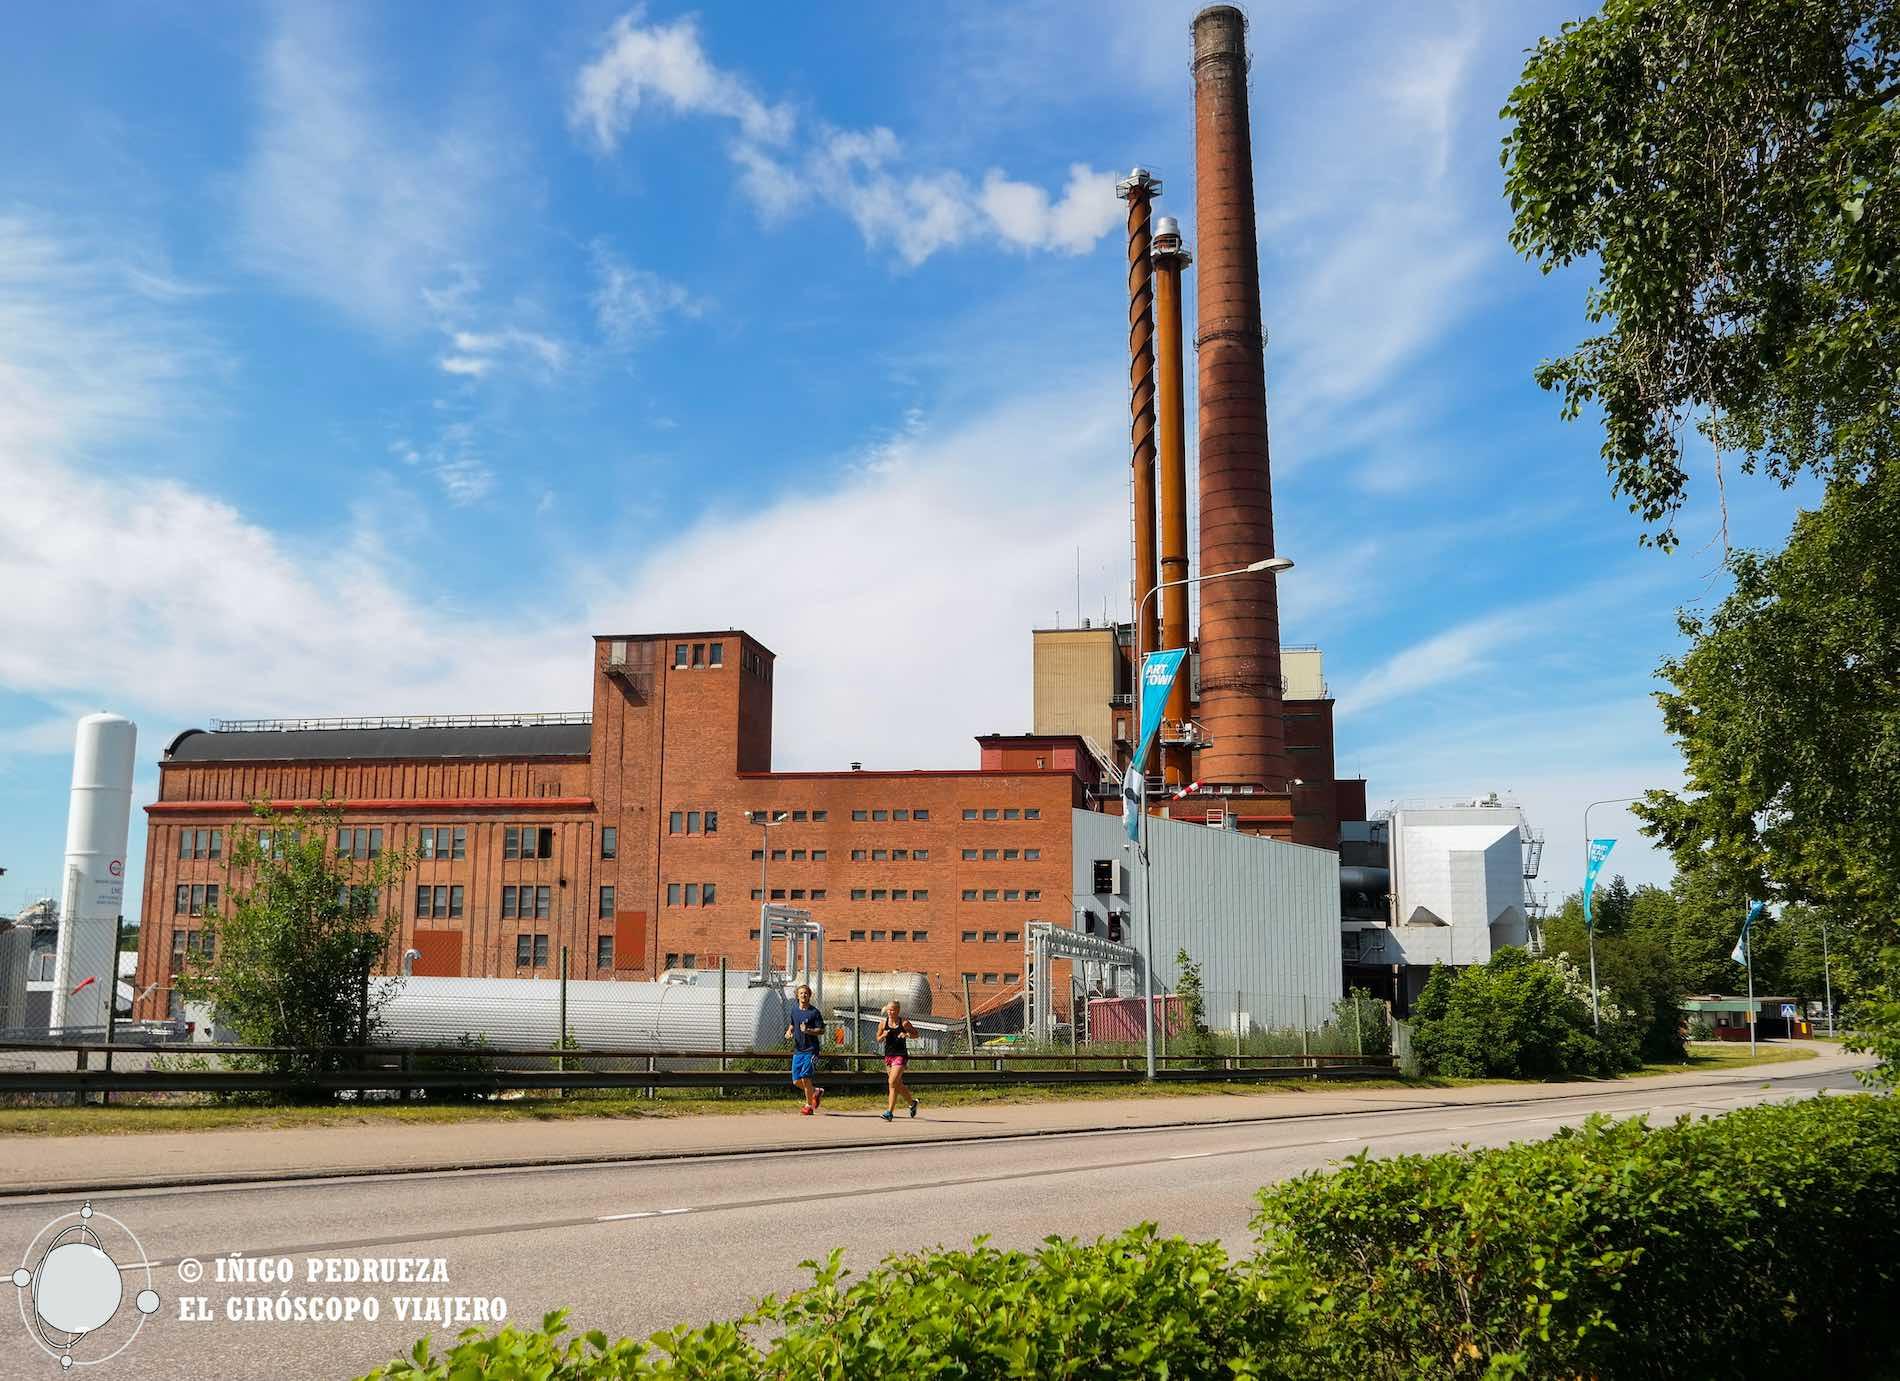 Factoría de papel de Mänttä, la industria ¡el origen del arte!©Iñigo Pedrueza.